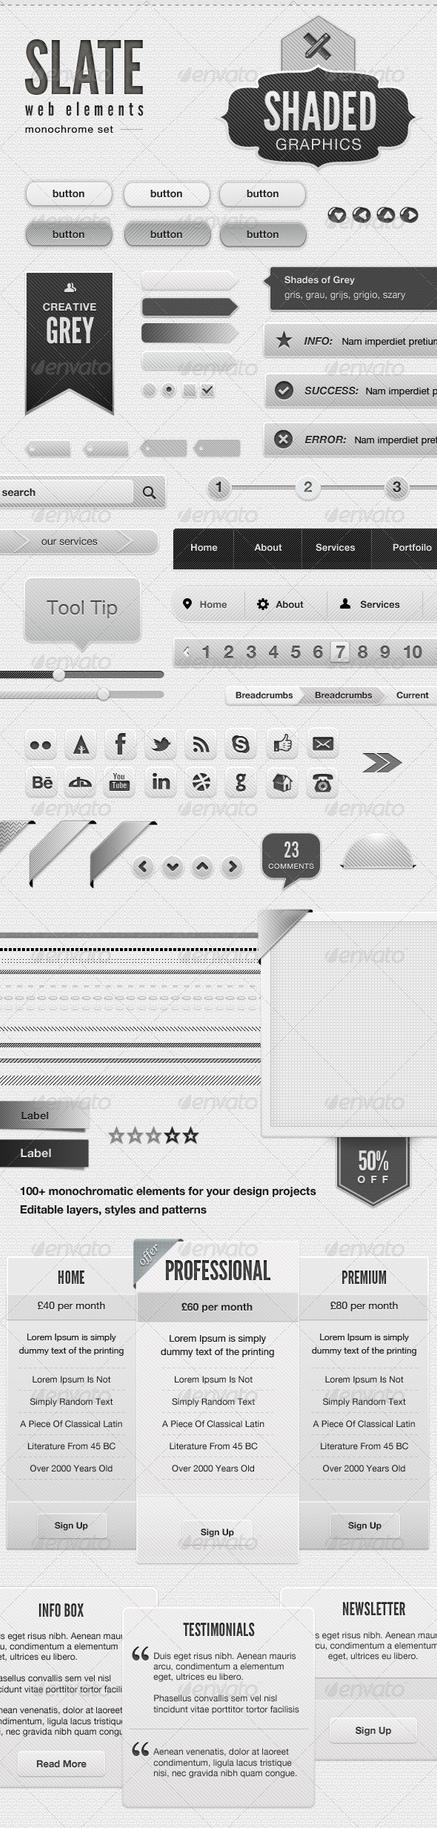 Slate - Shades Of Grey Web Elements by gojol23